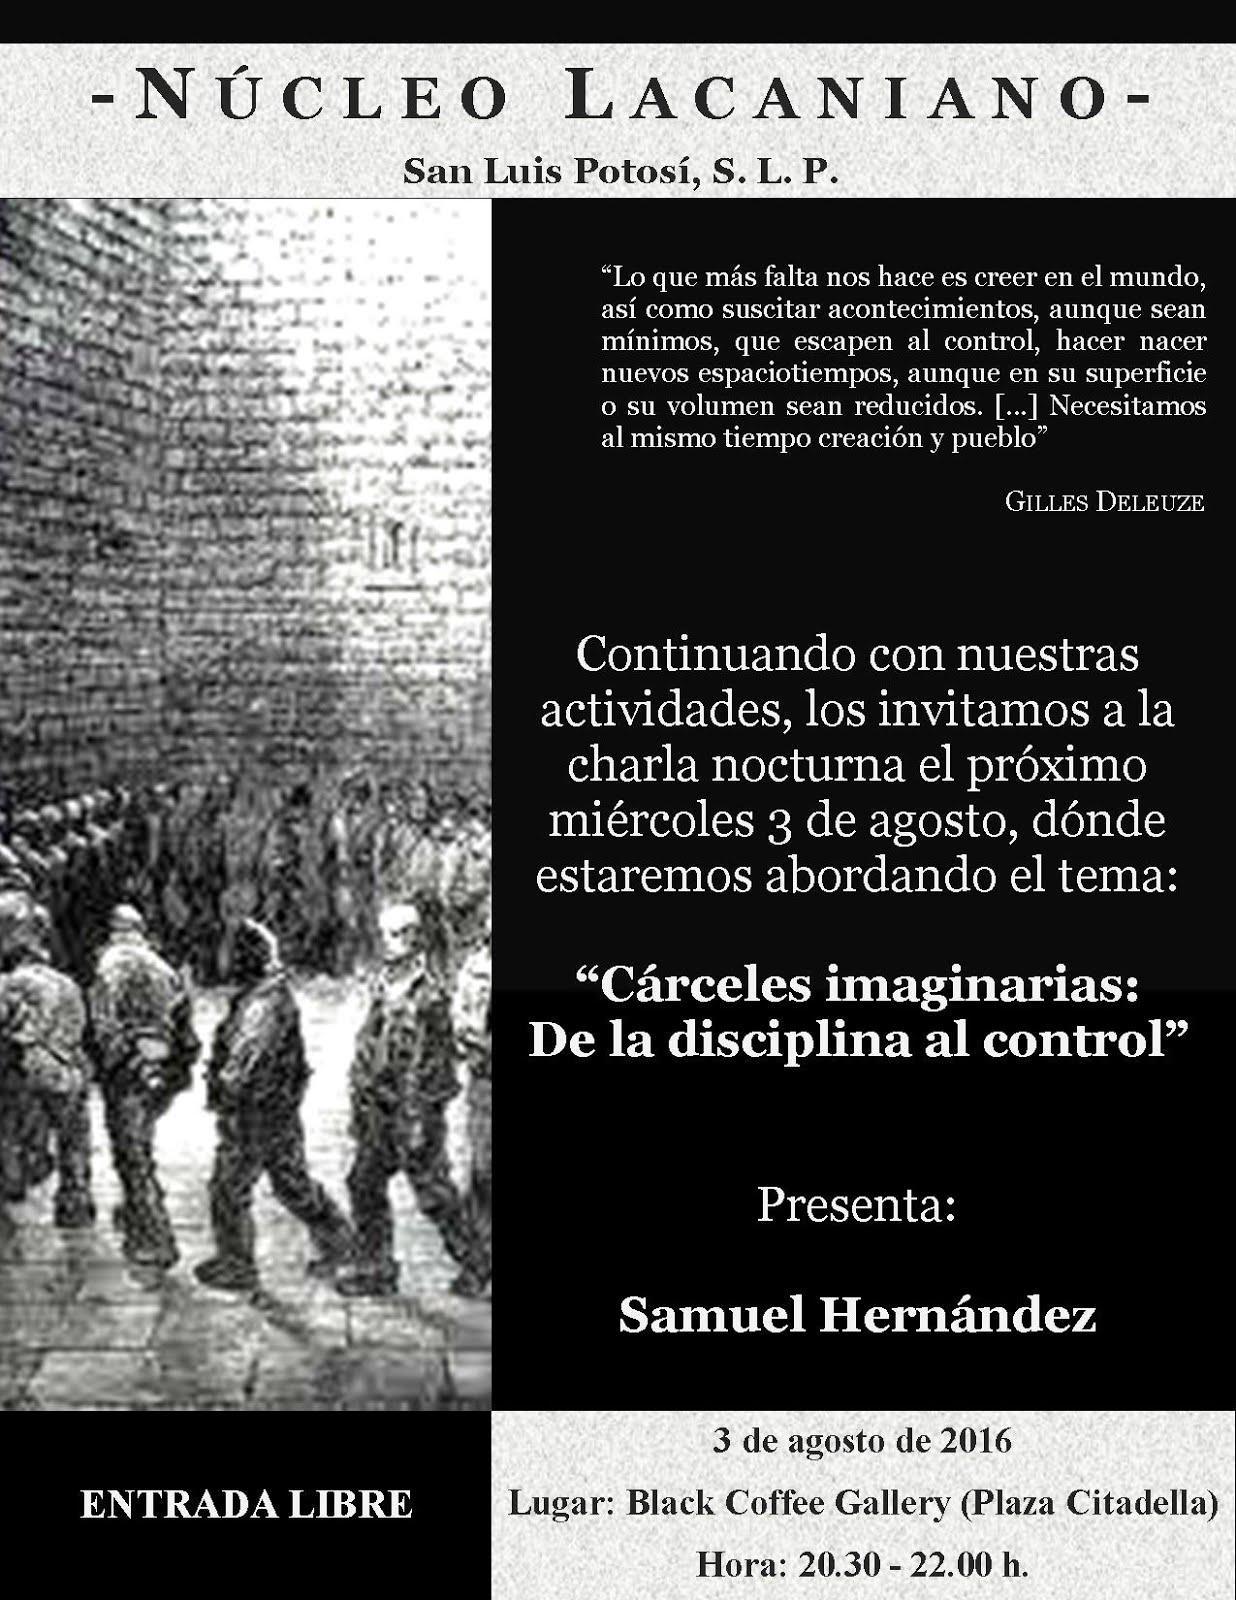 Cárceles imaginarias: De la disciplina al control